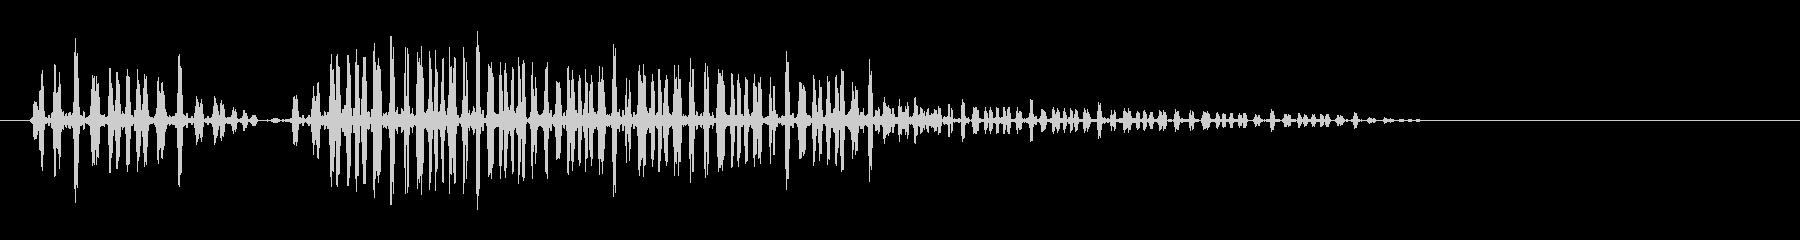 プハァ〜(やや高音)の未再生の波形